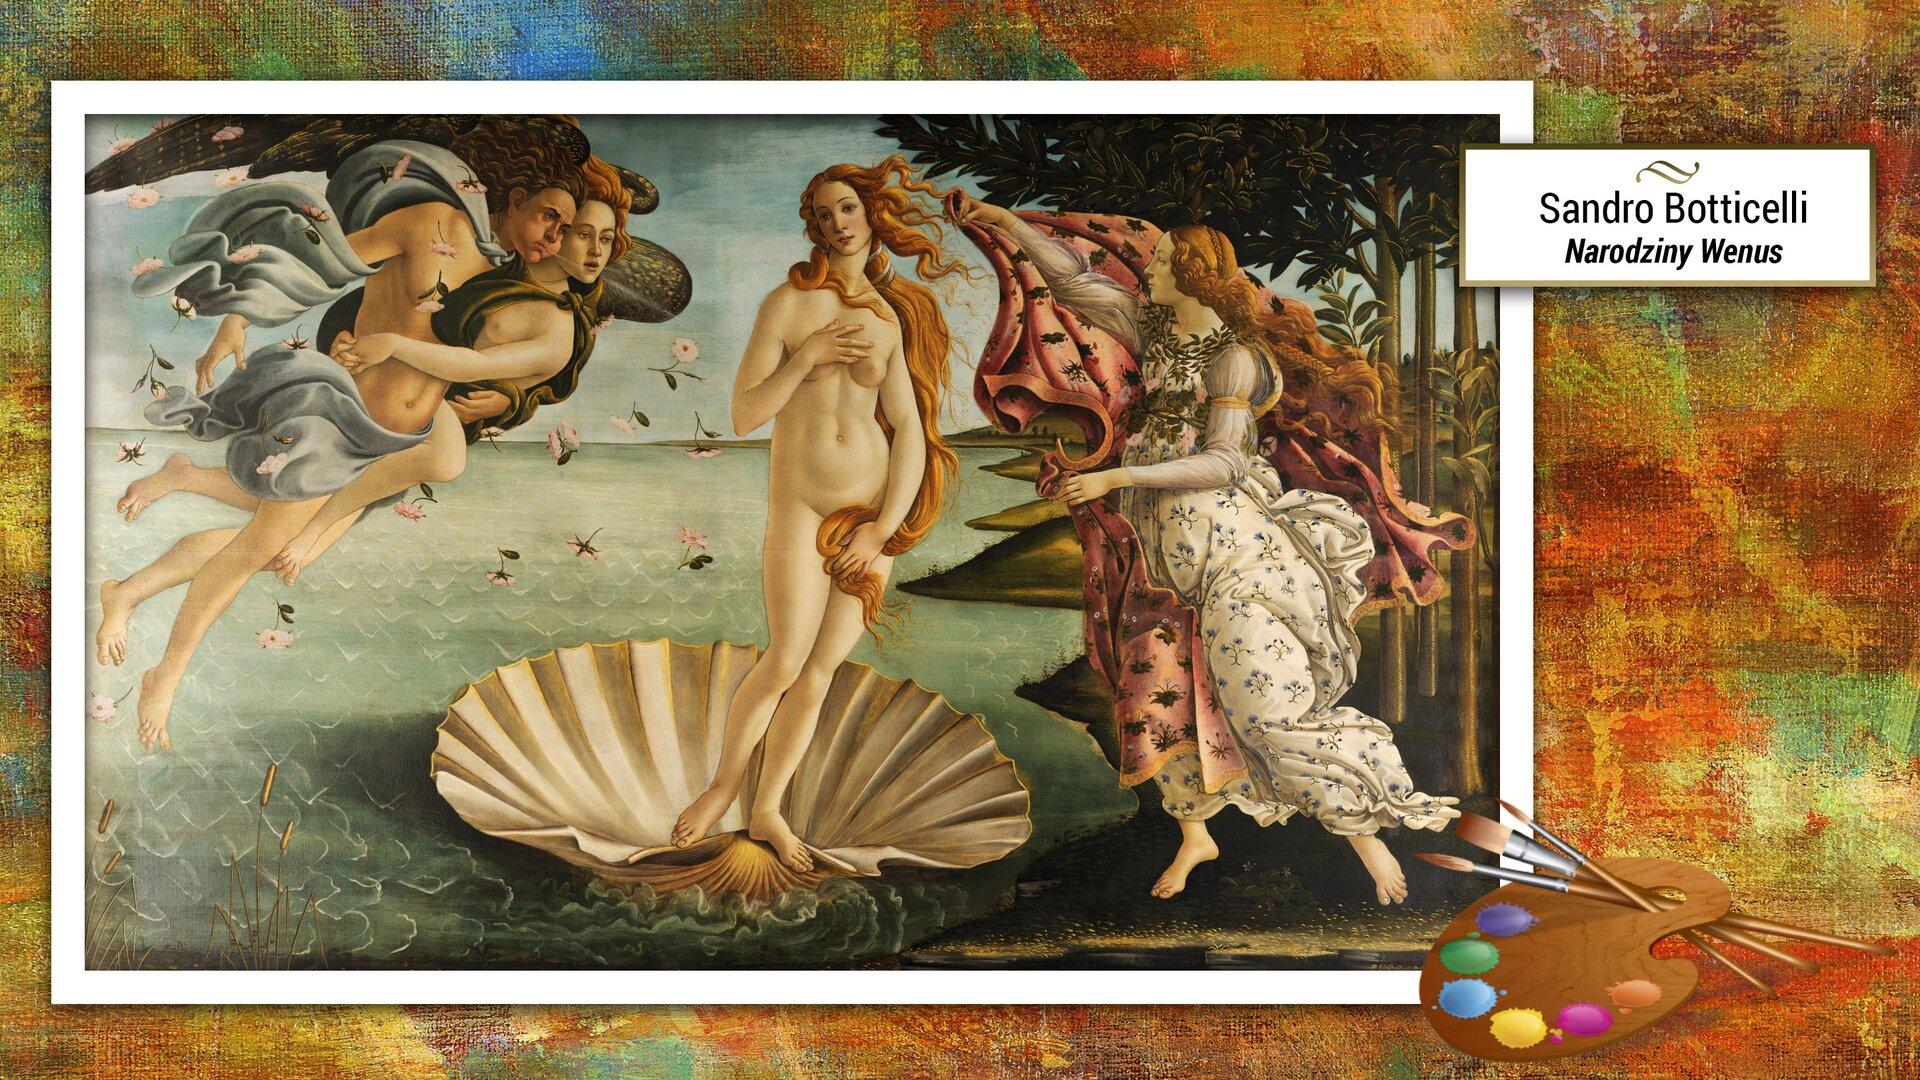 """Ilustracja przedstawia obraz, dzieło Sandra Botticellego – """"Narodziny Wenus"""". Malowidło przedstawia nagą Wenus, symbol piękna kobiecego ciała. Widzimy bogini odługich włosach rozwianych morską bryzą, stojącą na dużej muszli. Po lewej stronie znajdują się półnagie, złączone wuścisku postaci mężczyzny ikobiety. Po prawej stronie znajduje się bogini Hora przystrojona wwieniec igirlandę róż, wdłoniach trzymająca czerwoną szatę. Wtle opadające znieba kwiaty igaj pomarańczowy."""